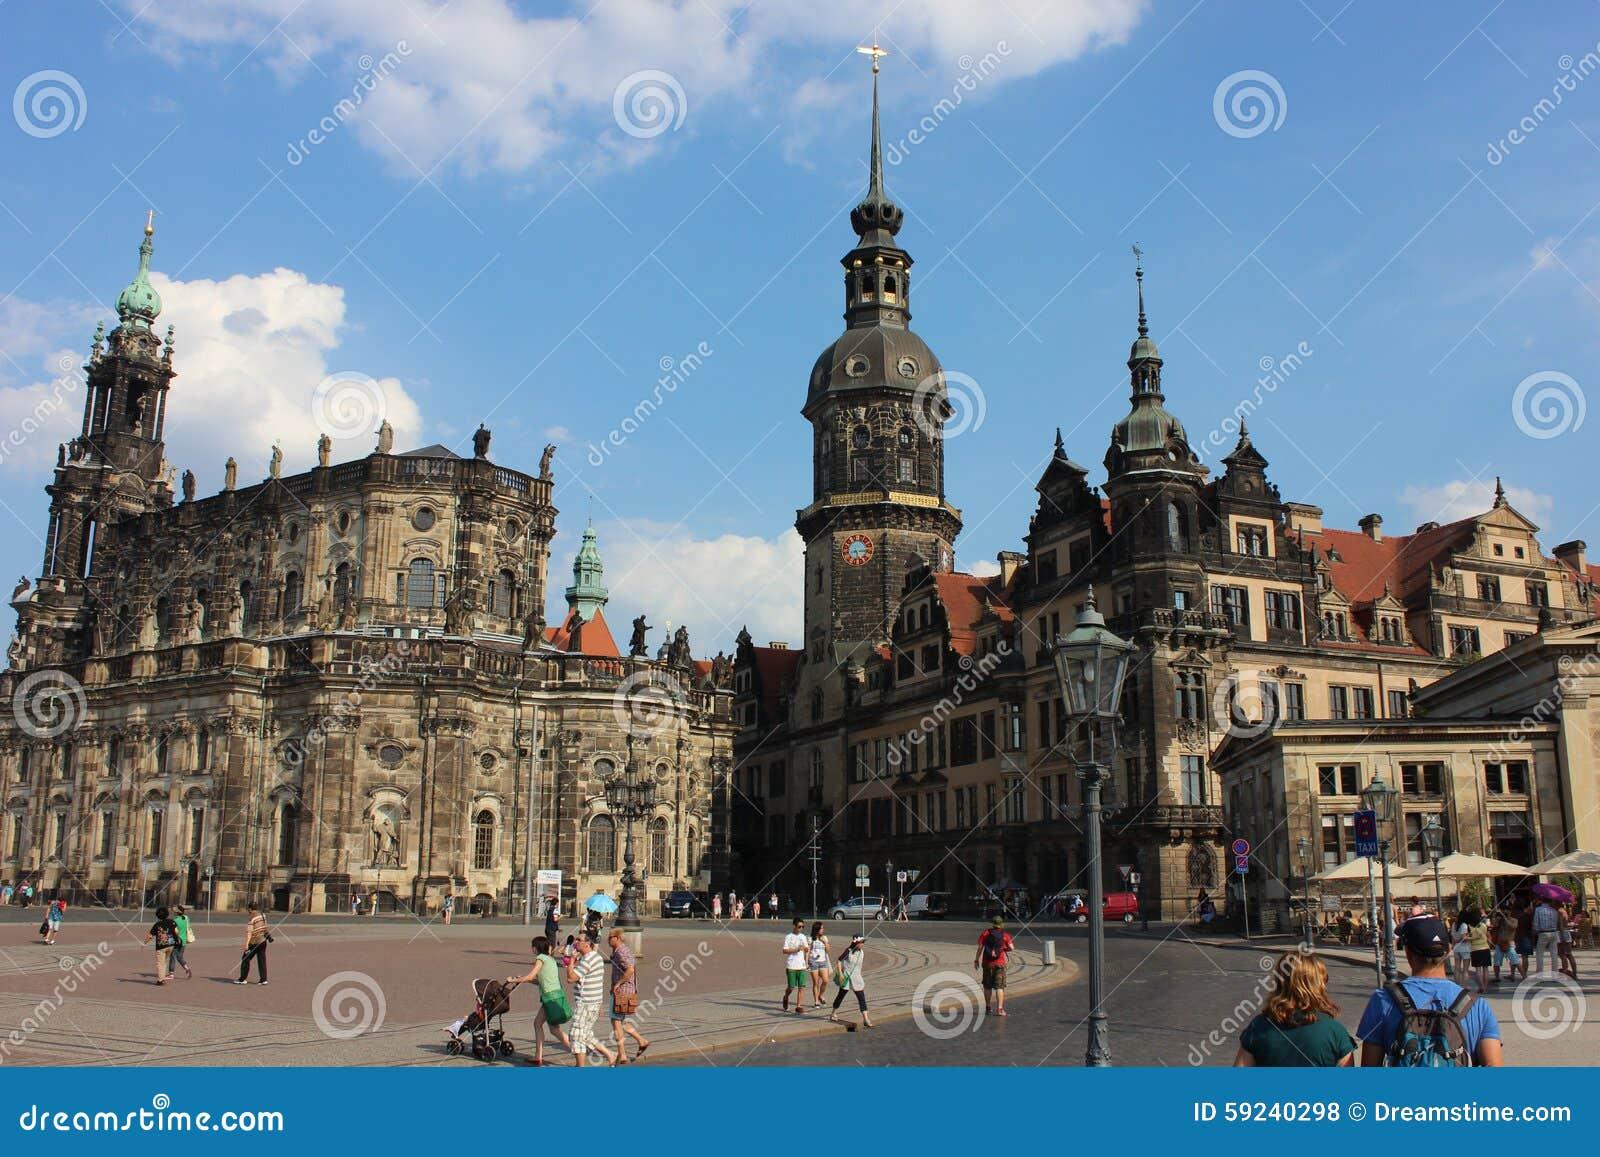 Cuadrado de ciudad en Dresden, Alemania